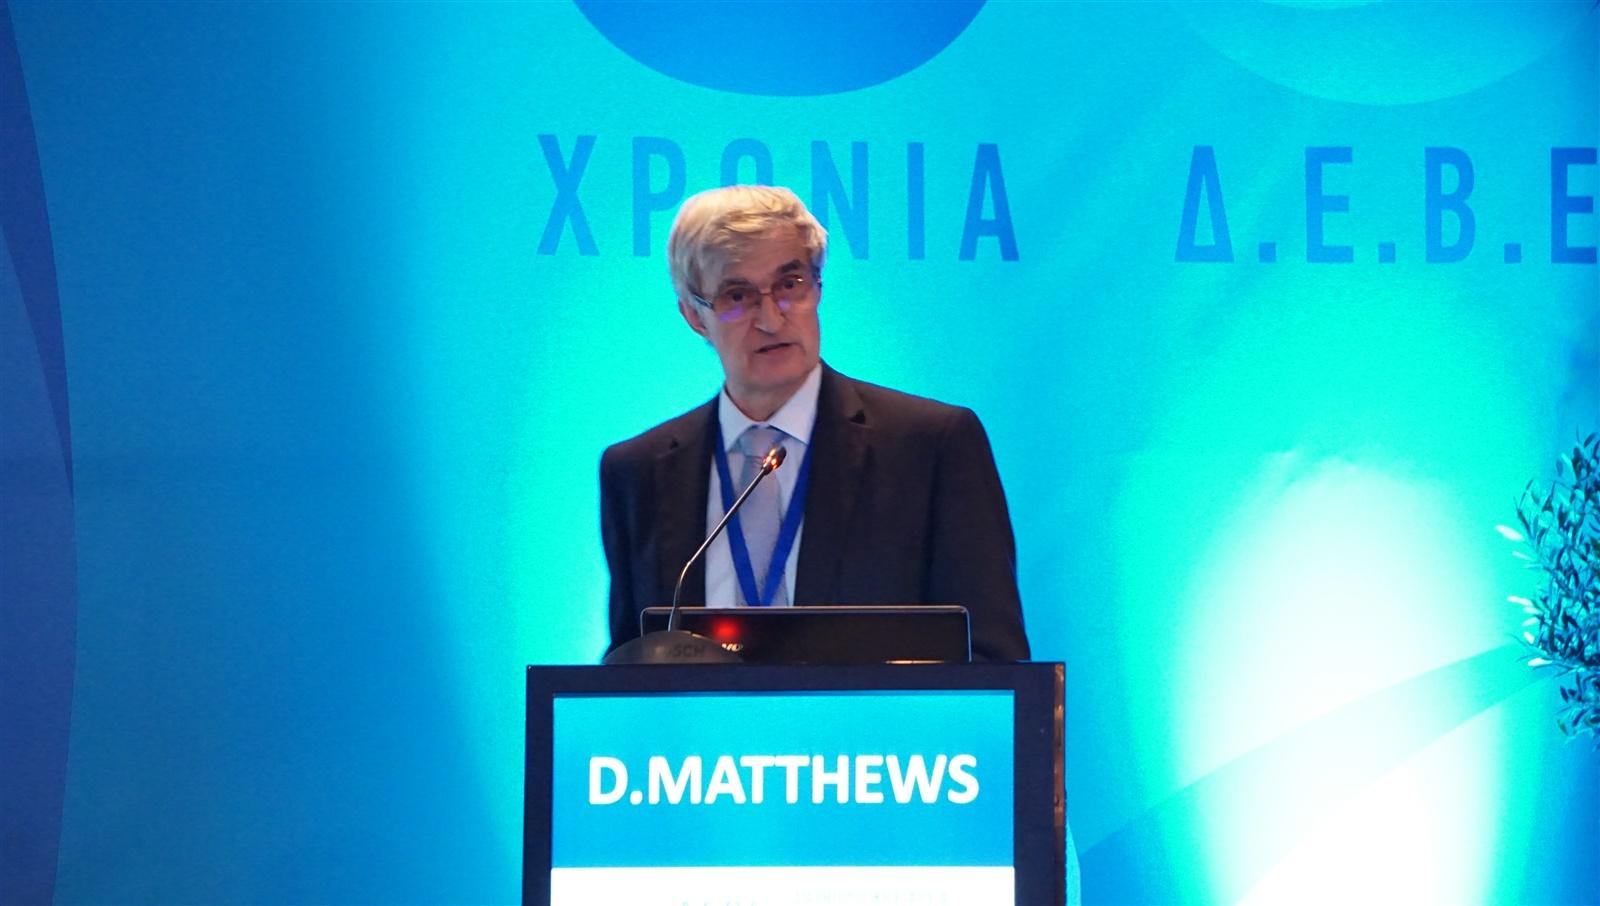 MATTHEWS DAVID